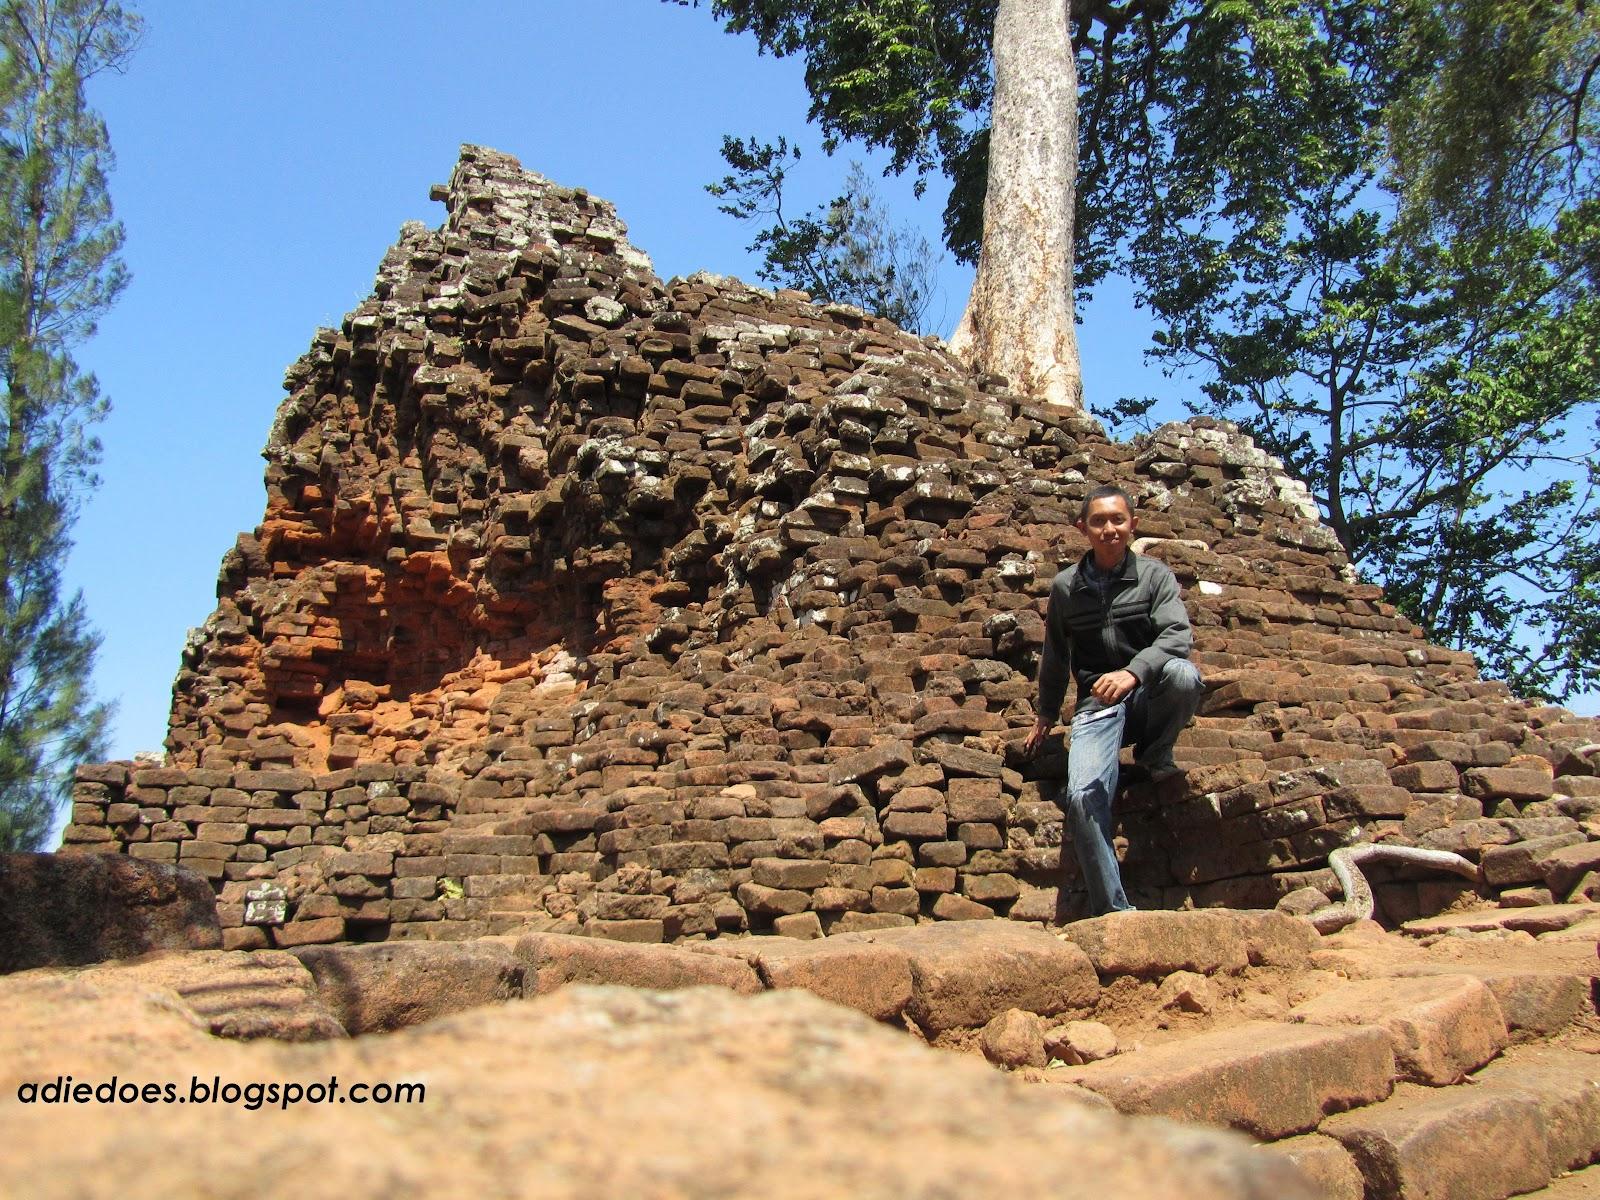 Adie Angkor Wat Nganjuk Monumen Jayastamba Candi Lor Kab